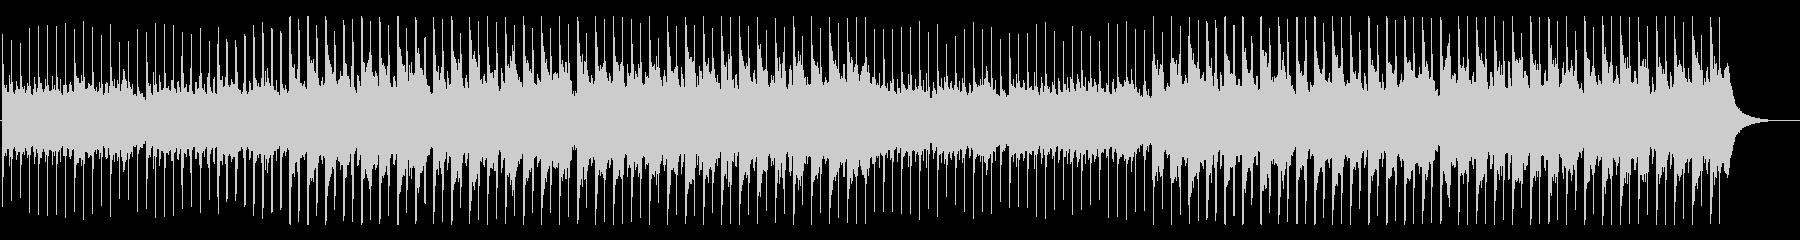 Corporate Guitar 146の未再生の波形